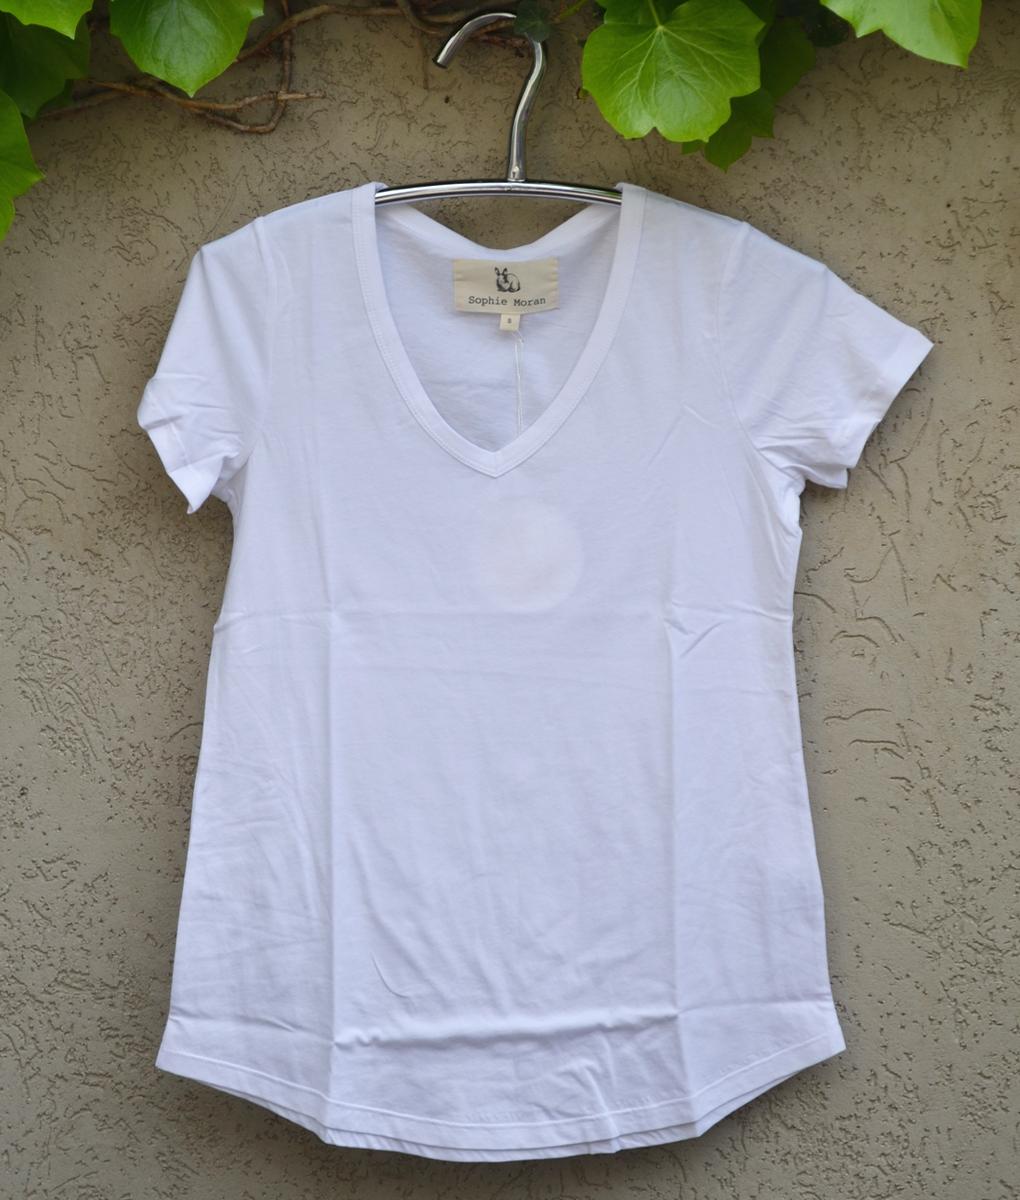 T'shirt white v neck